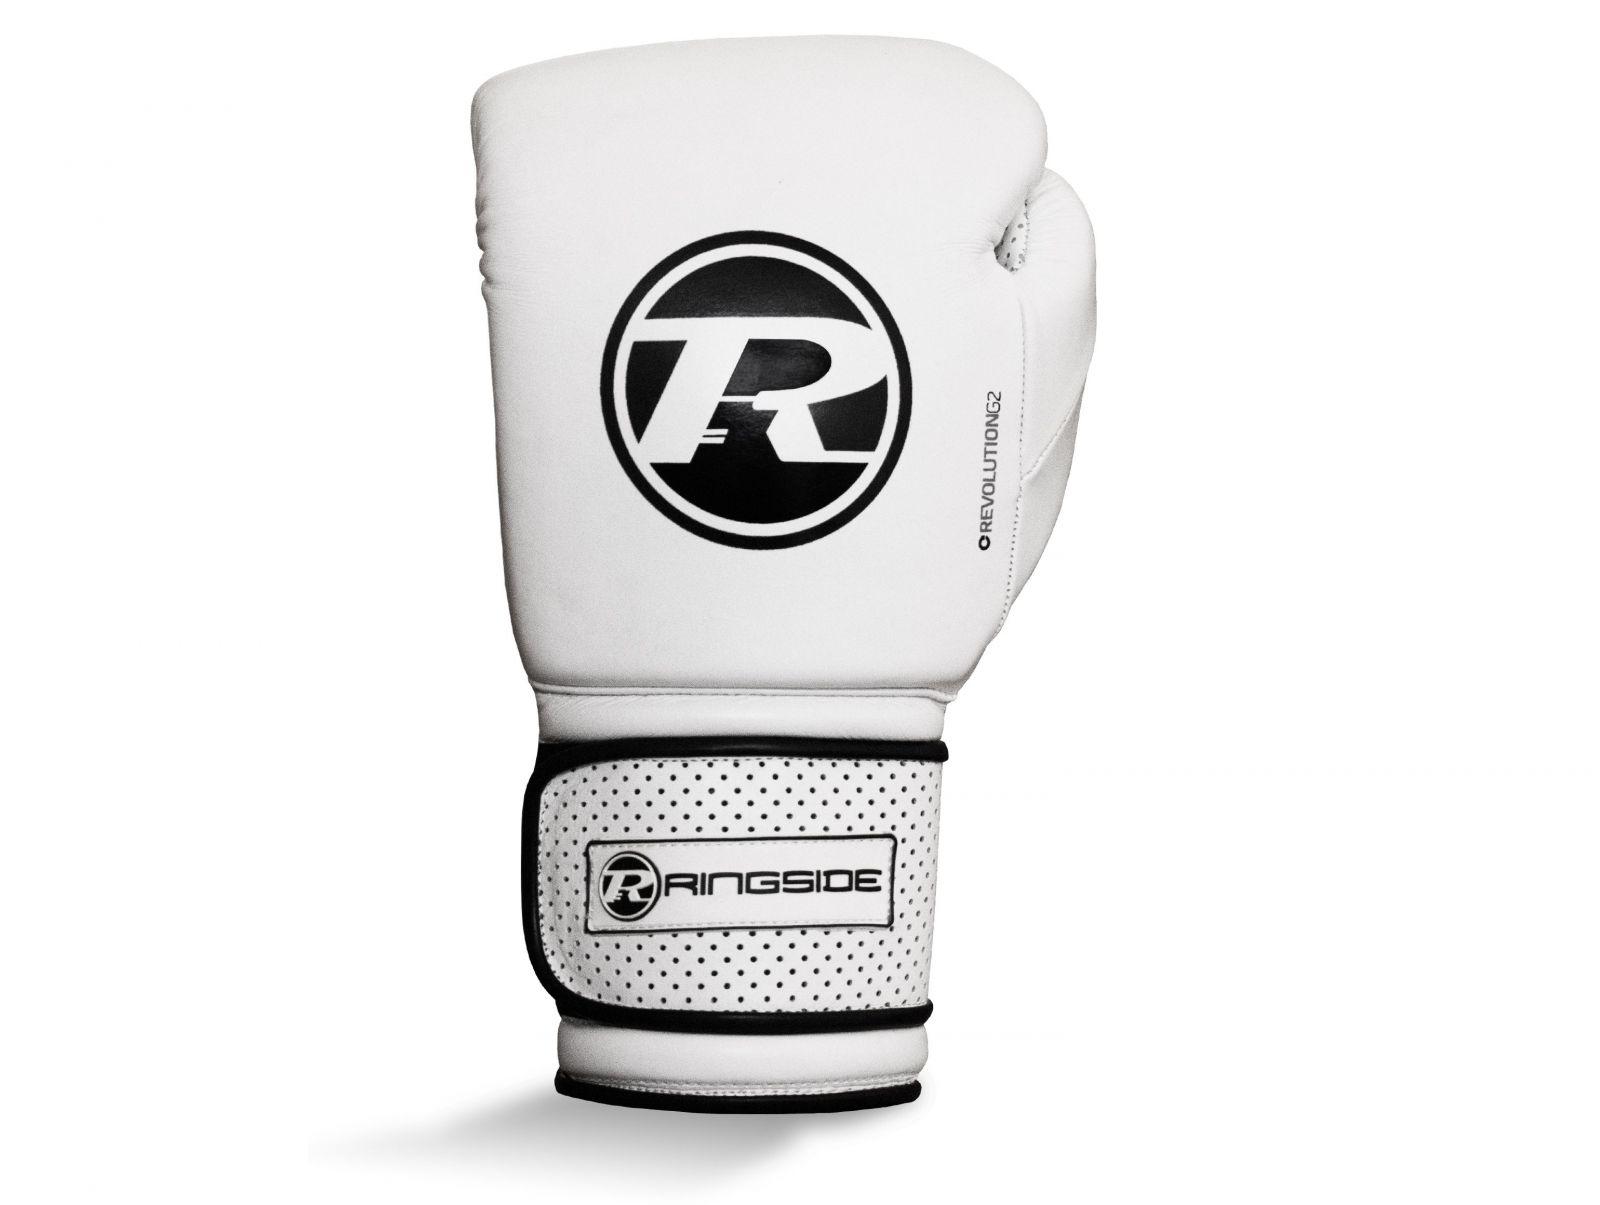 RINGSIDE Boxerské rukavice Revolution G2 Super Pro Spar (16oz) - bílá